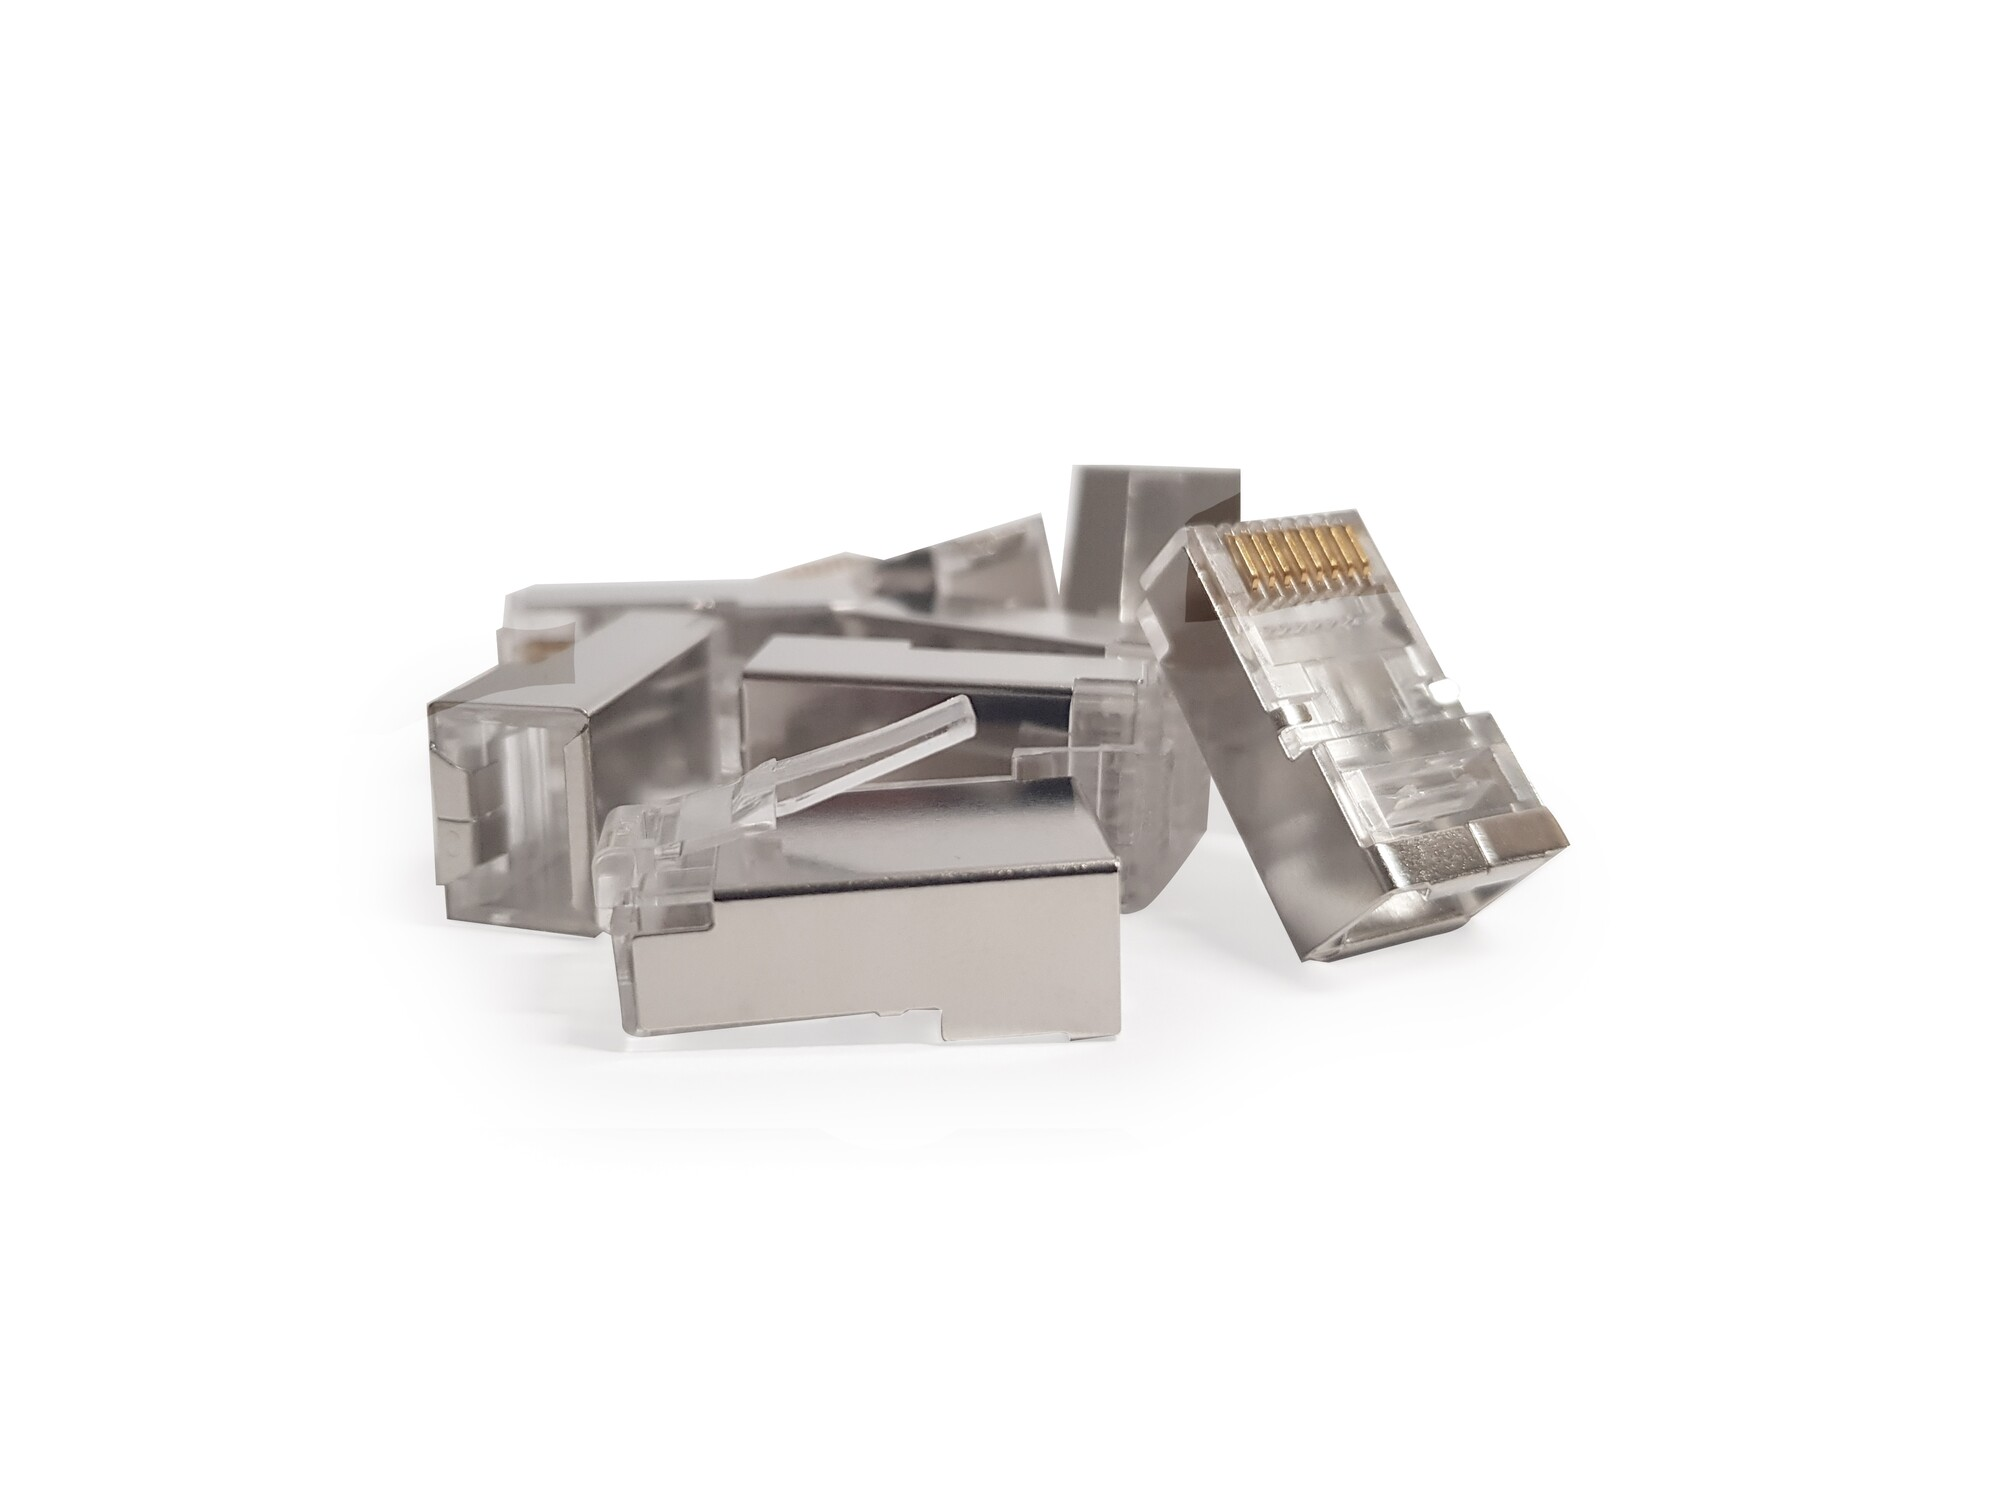 Afbeelding van CAT5 connector RJ45 - shielded - 10 pieces